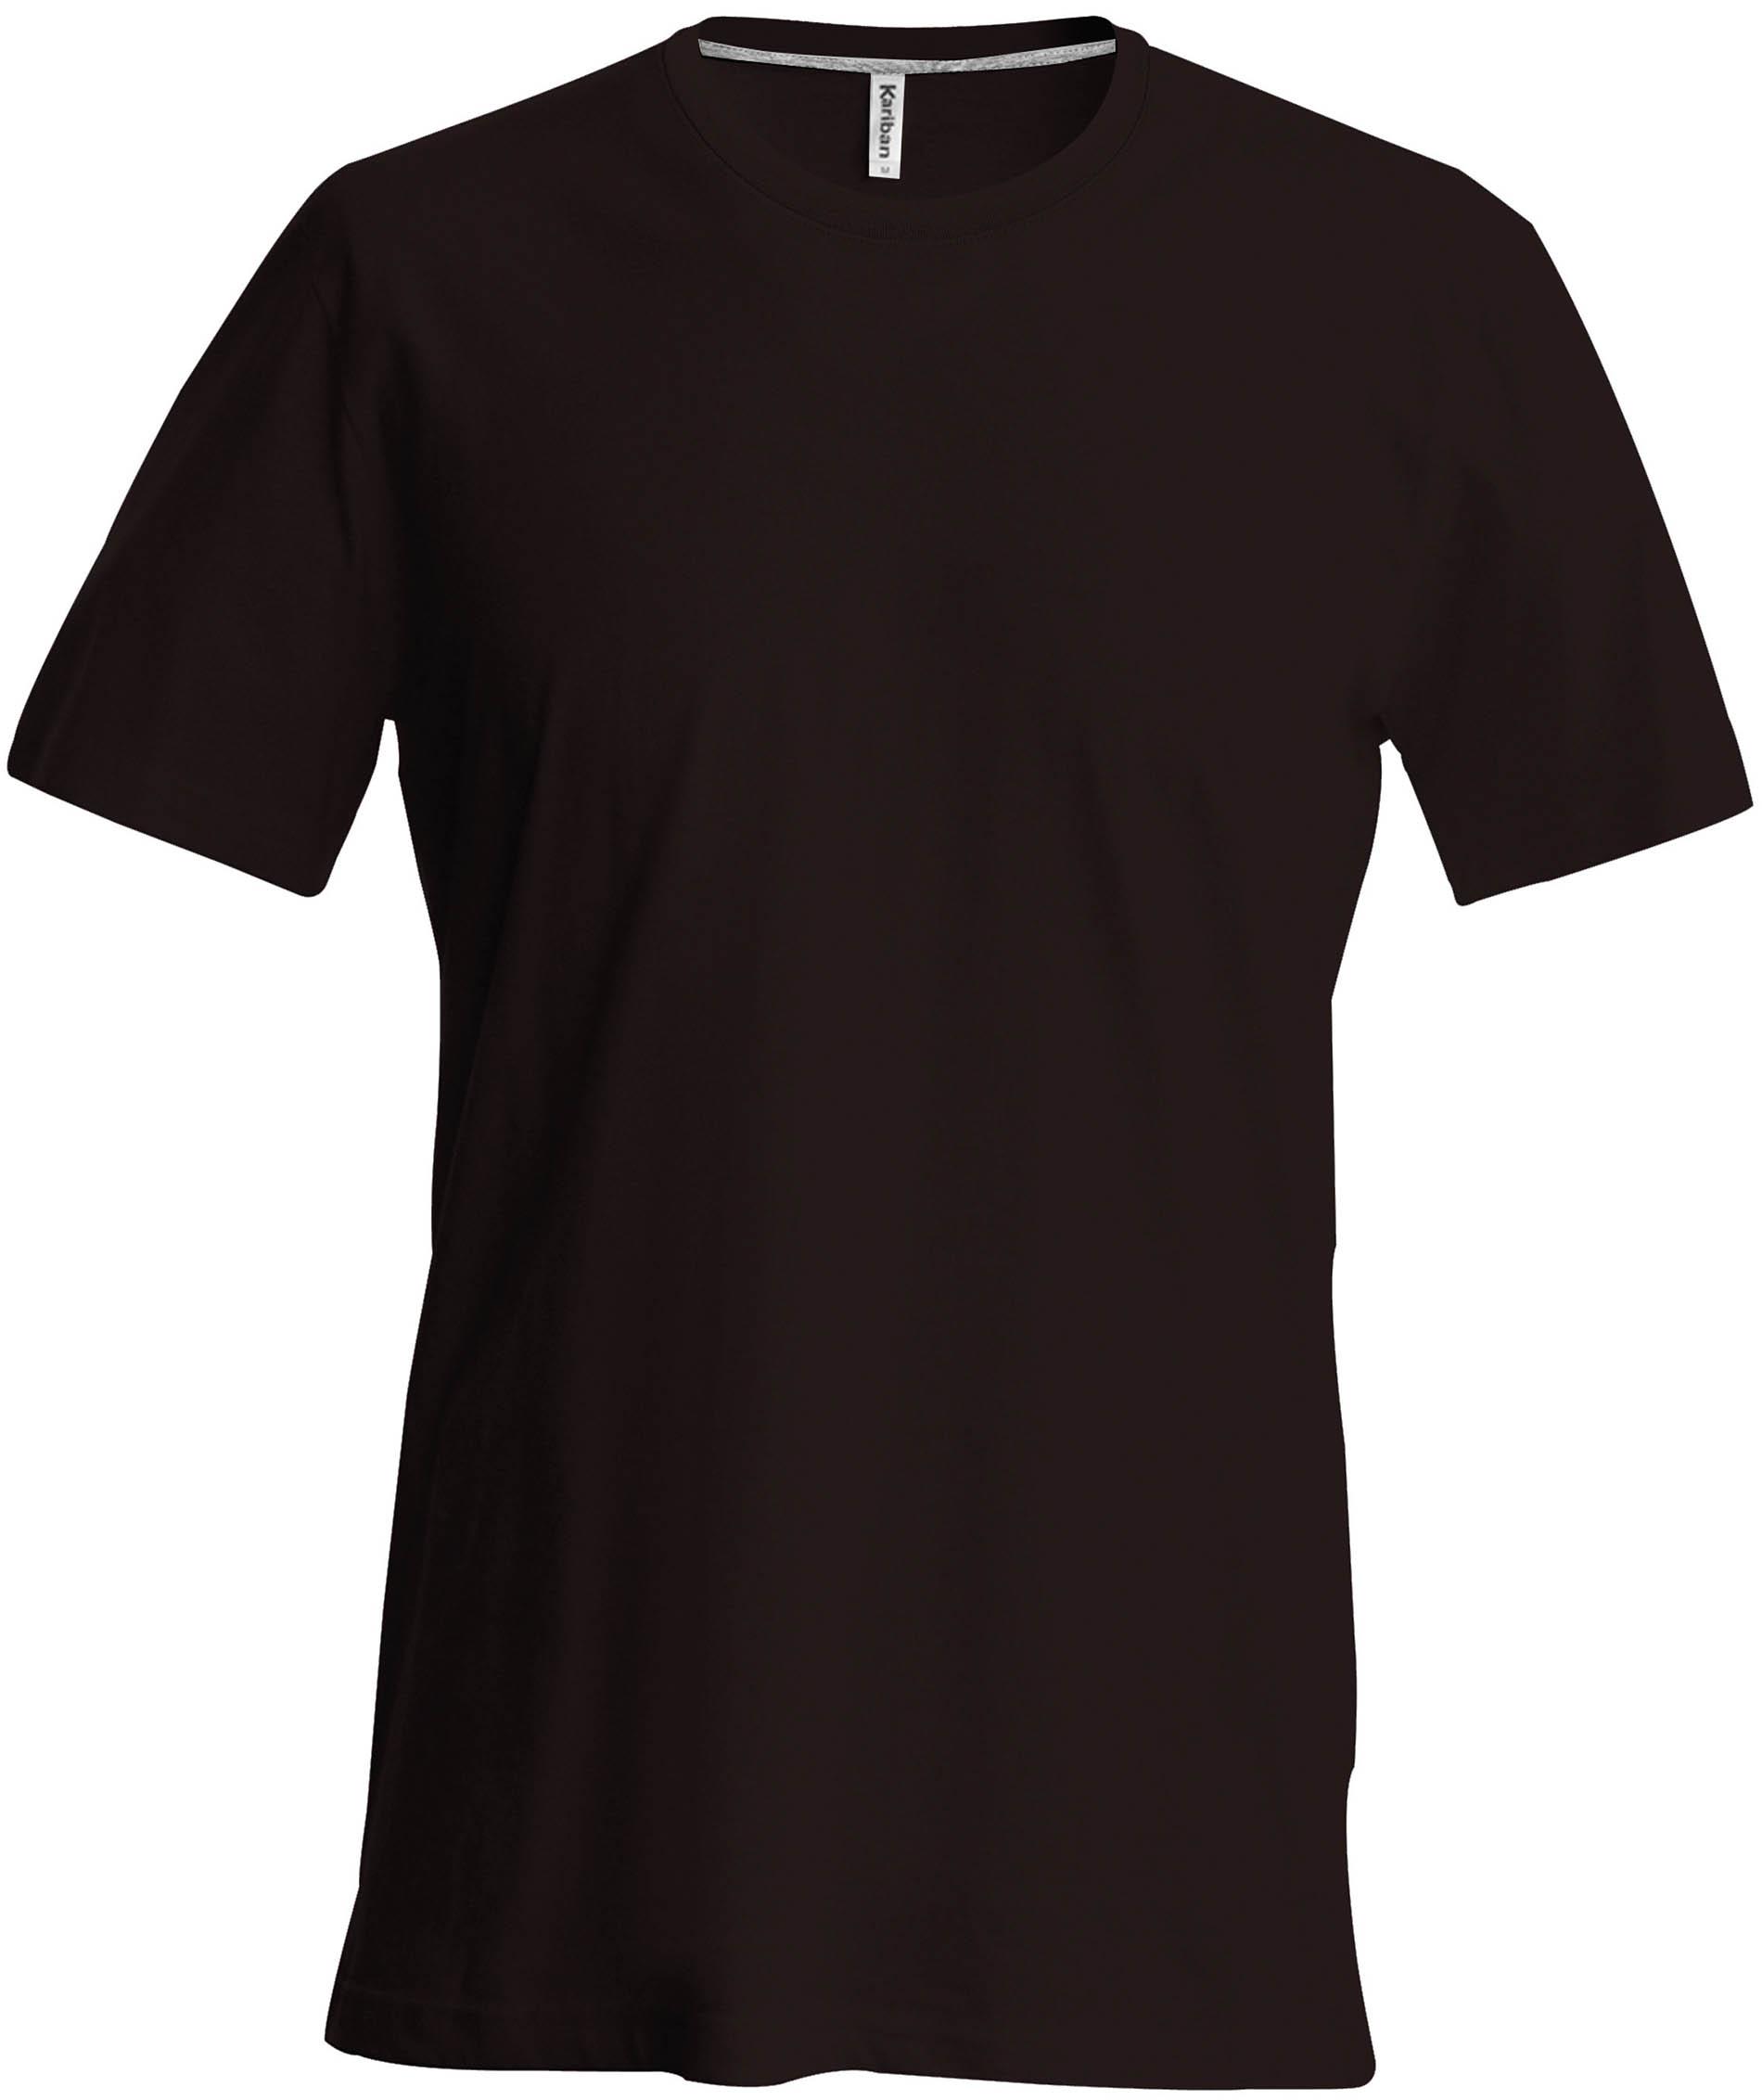 T-paita K356 Suklaa